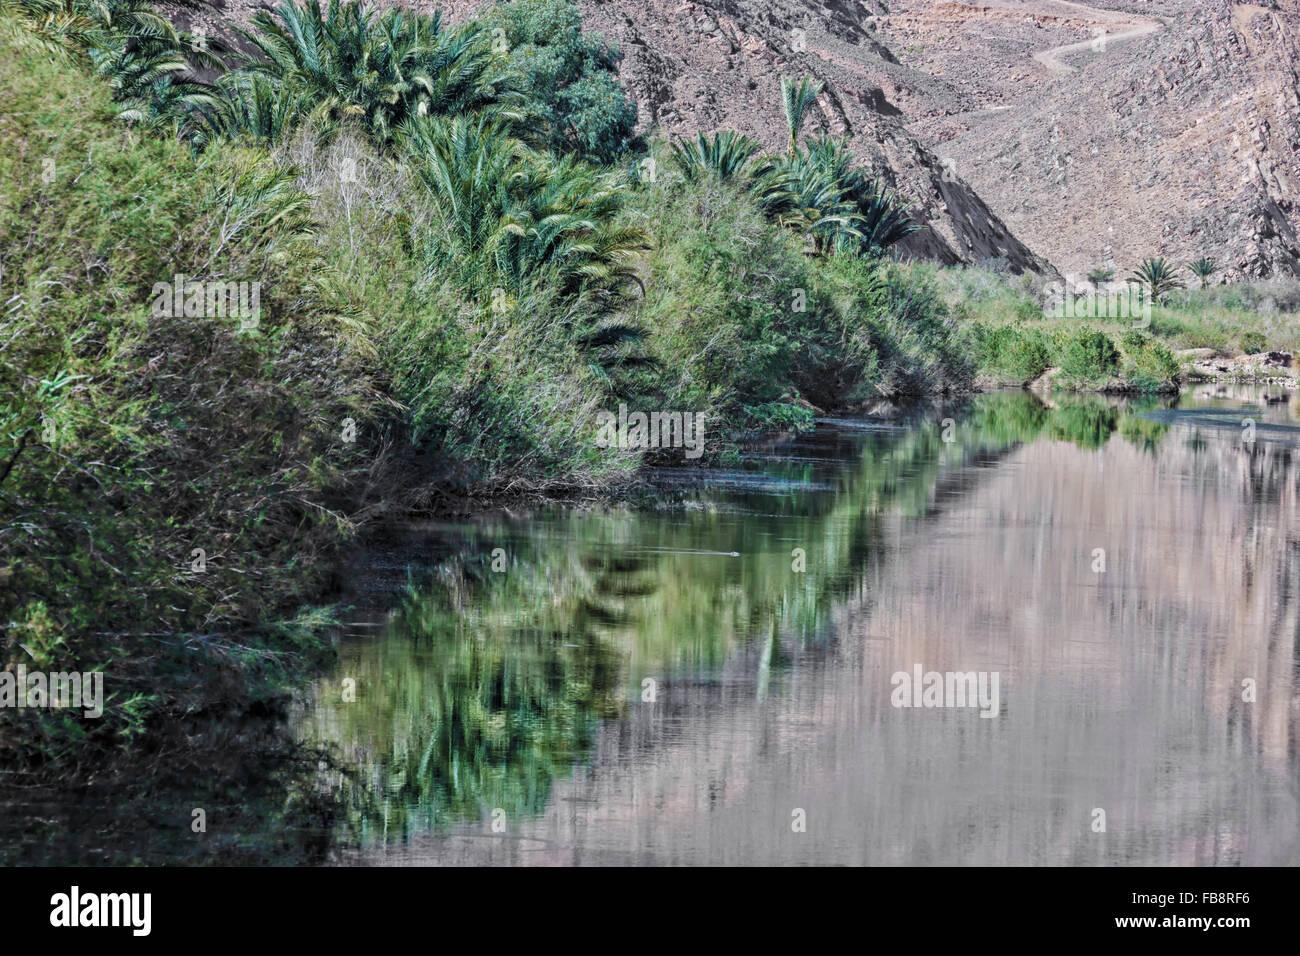 Palmiers et d'arbres le long d'une rivière, avec des reflets dans l'eau. Photo Stock